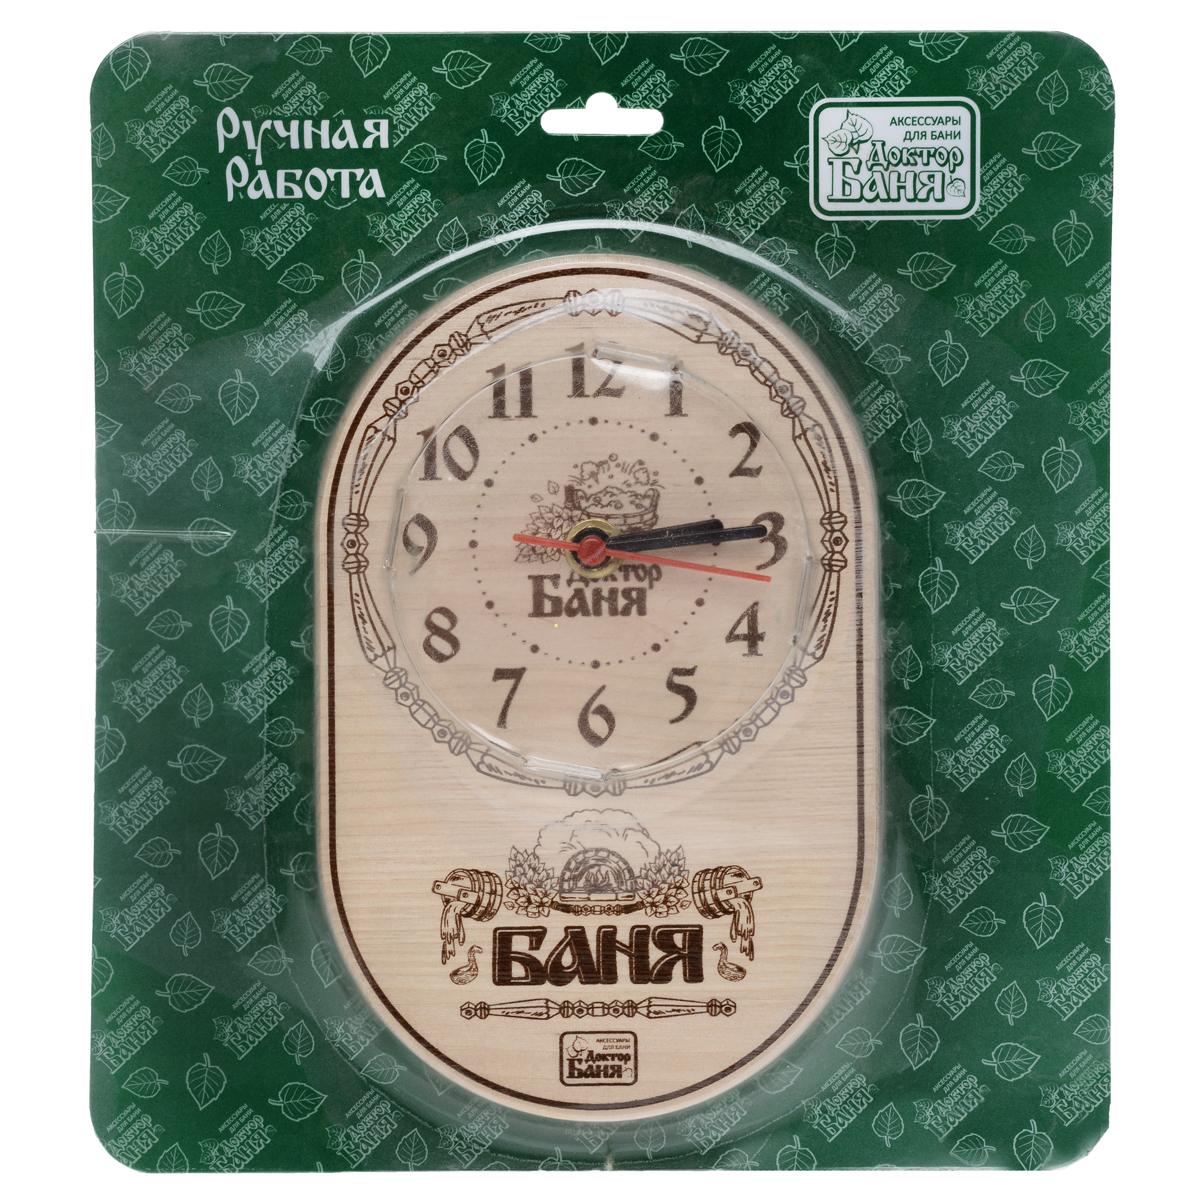 Часы настенные Доктор баня для бани и сауны. 905240905240Настенные кварцевые часы Доктор баня, выполненные из дерева, своим дизайном подчеркнут оригинальность интерьера вашей бани или сауны. Овальная панель часов декорирована изображением ушатов и банных веников и надписью Баня. Часы имеют три стрелки - часовую, минутную и секундную. Такие часы послужат отличным подарком для ценителя стильных и оригинальных вещей. Часы упакованы в подарочную коробку из дерева.